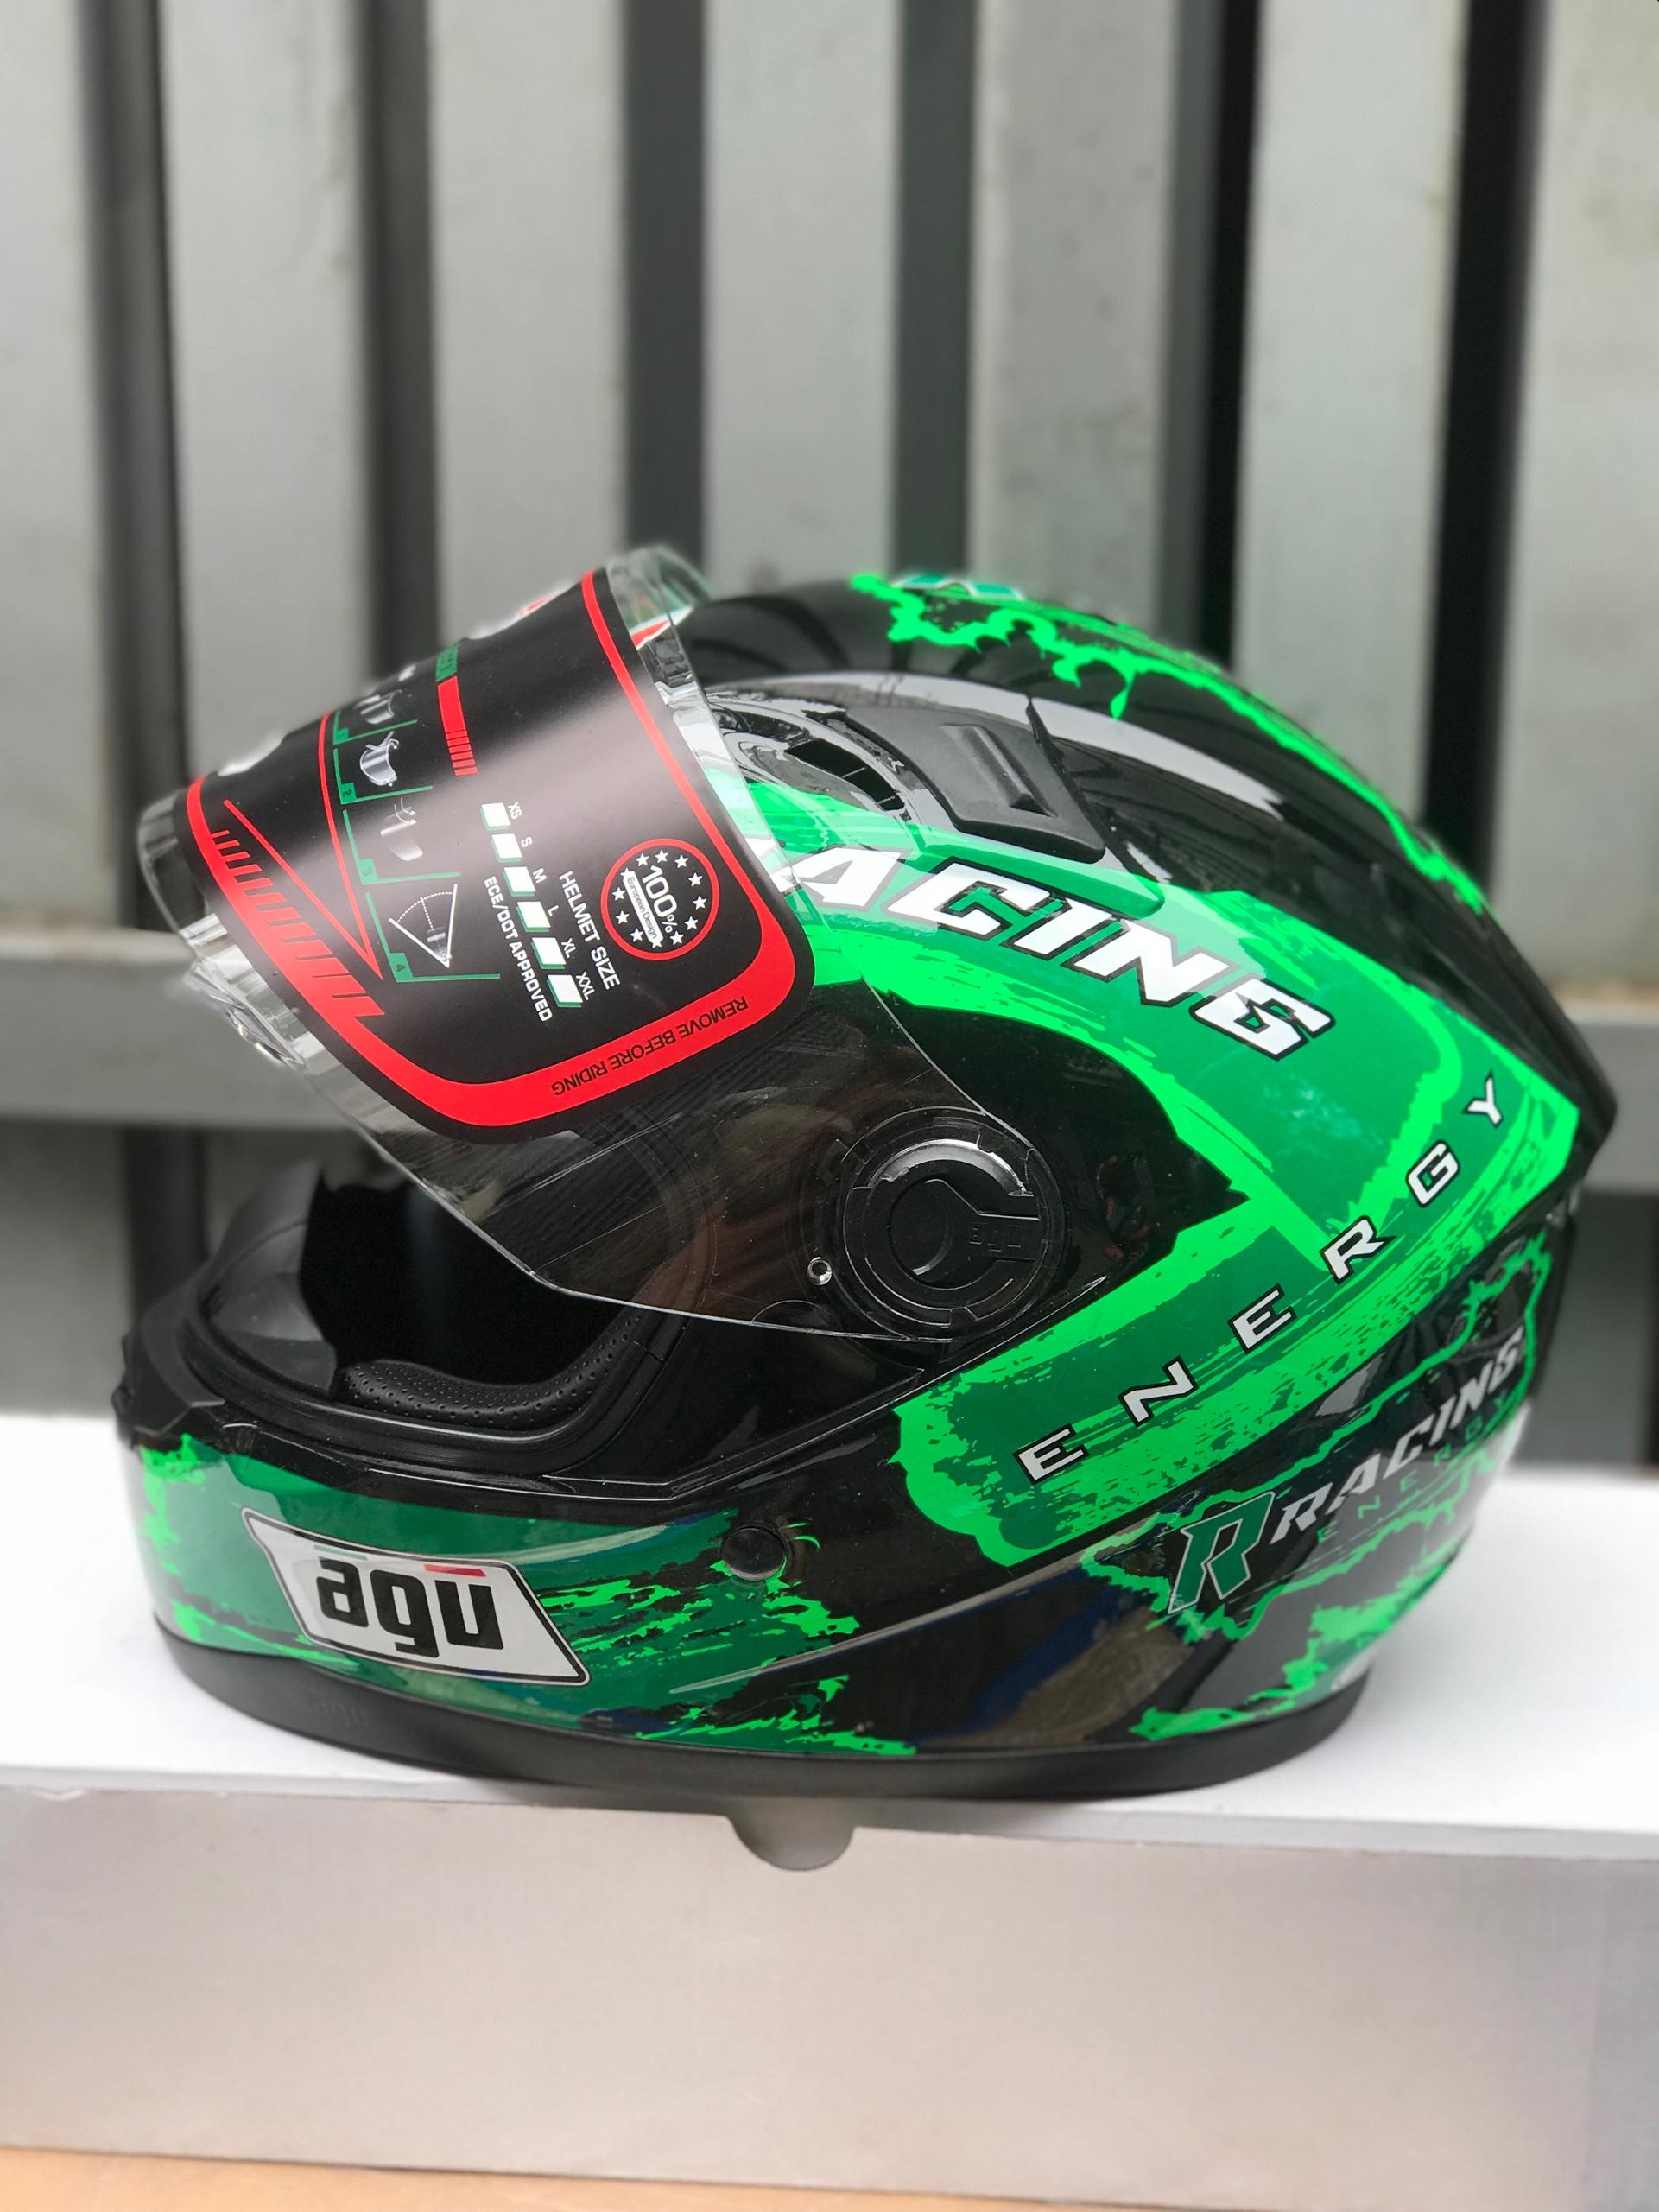 ( freeship bảo hành 24 tháng ) mũ nón AGU tem Racing energy đỏ (hàng chính hãng)